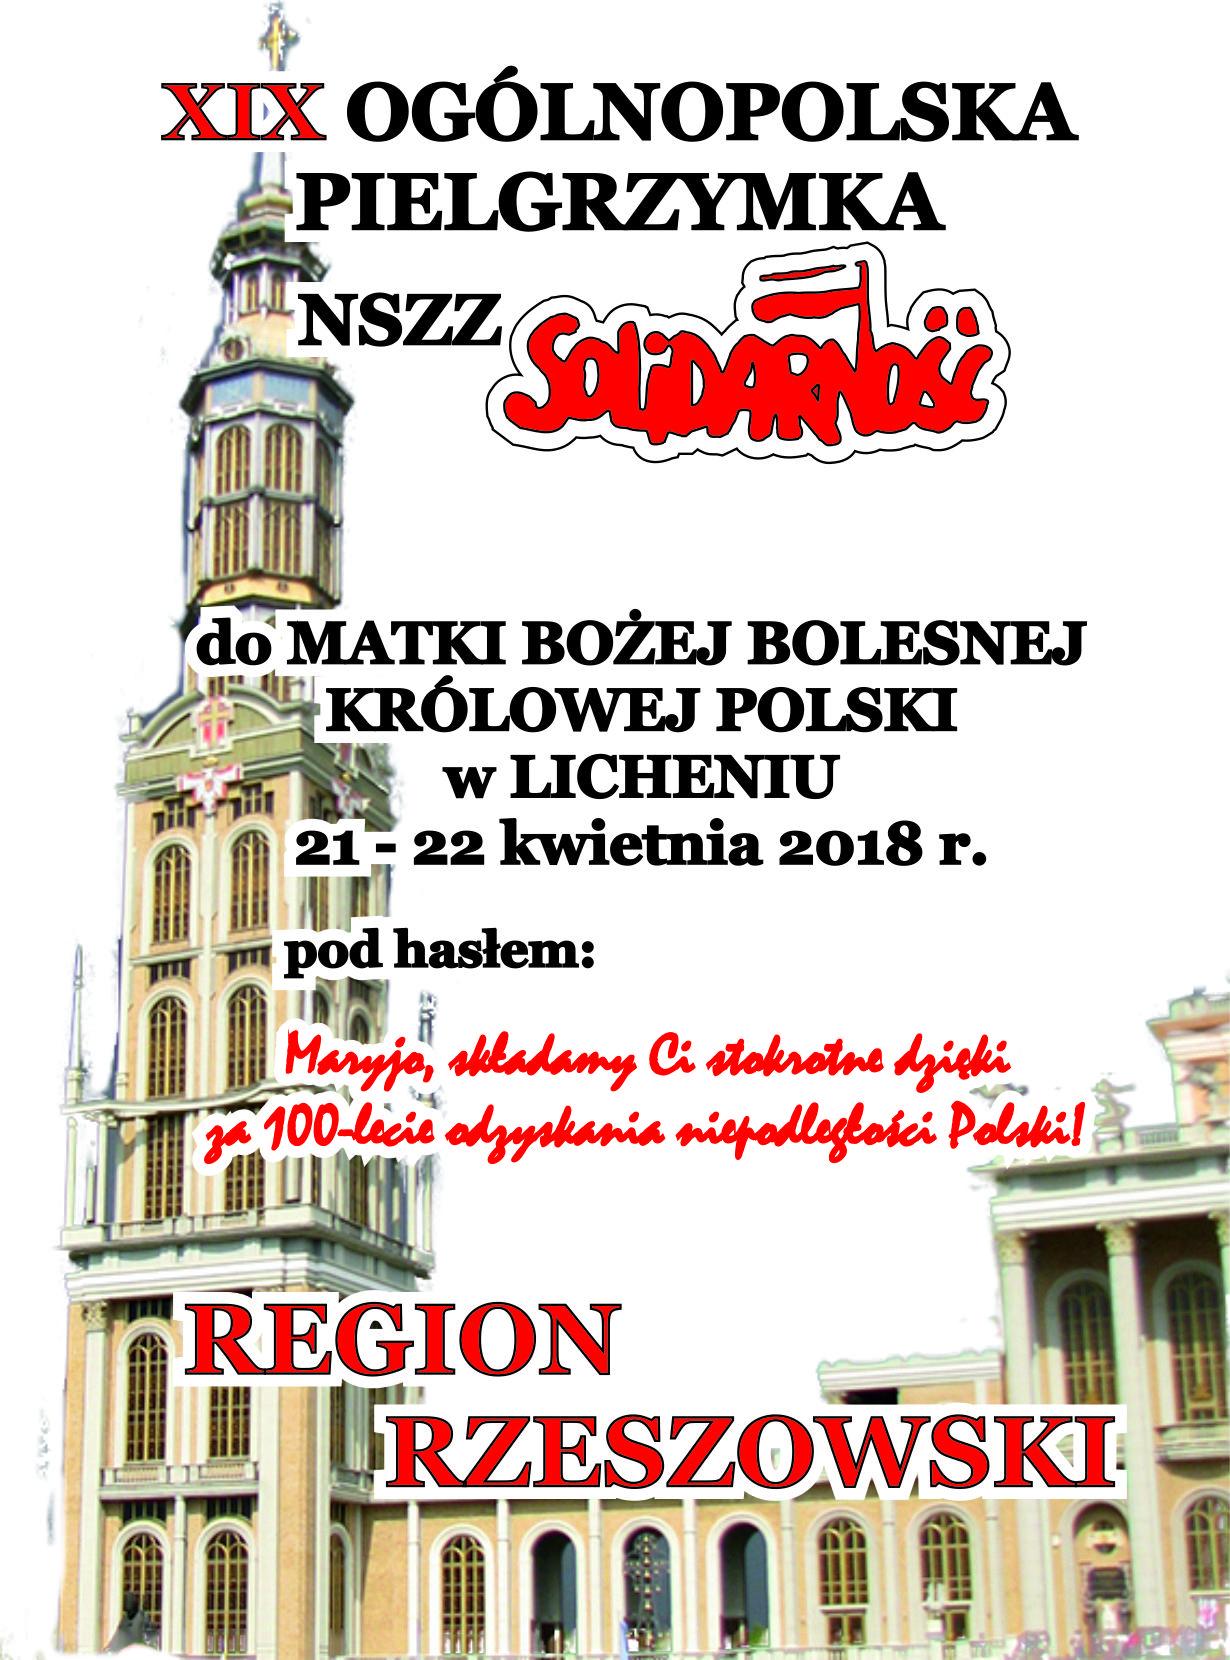 Pielgrzymka do Lichenia 21-22.04.2018 – PROGRAM